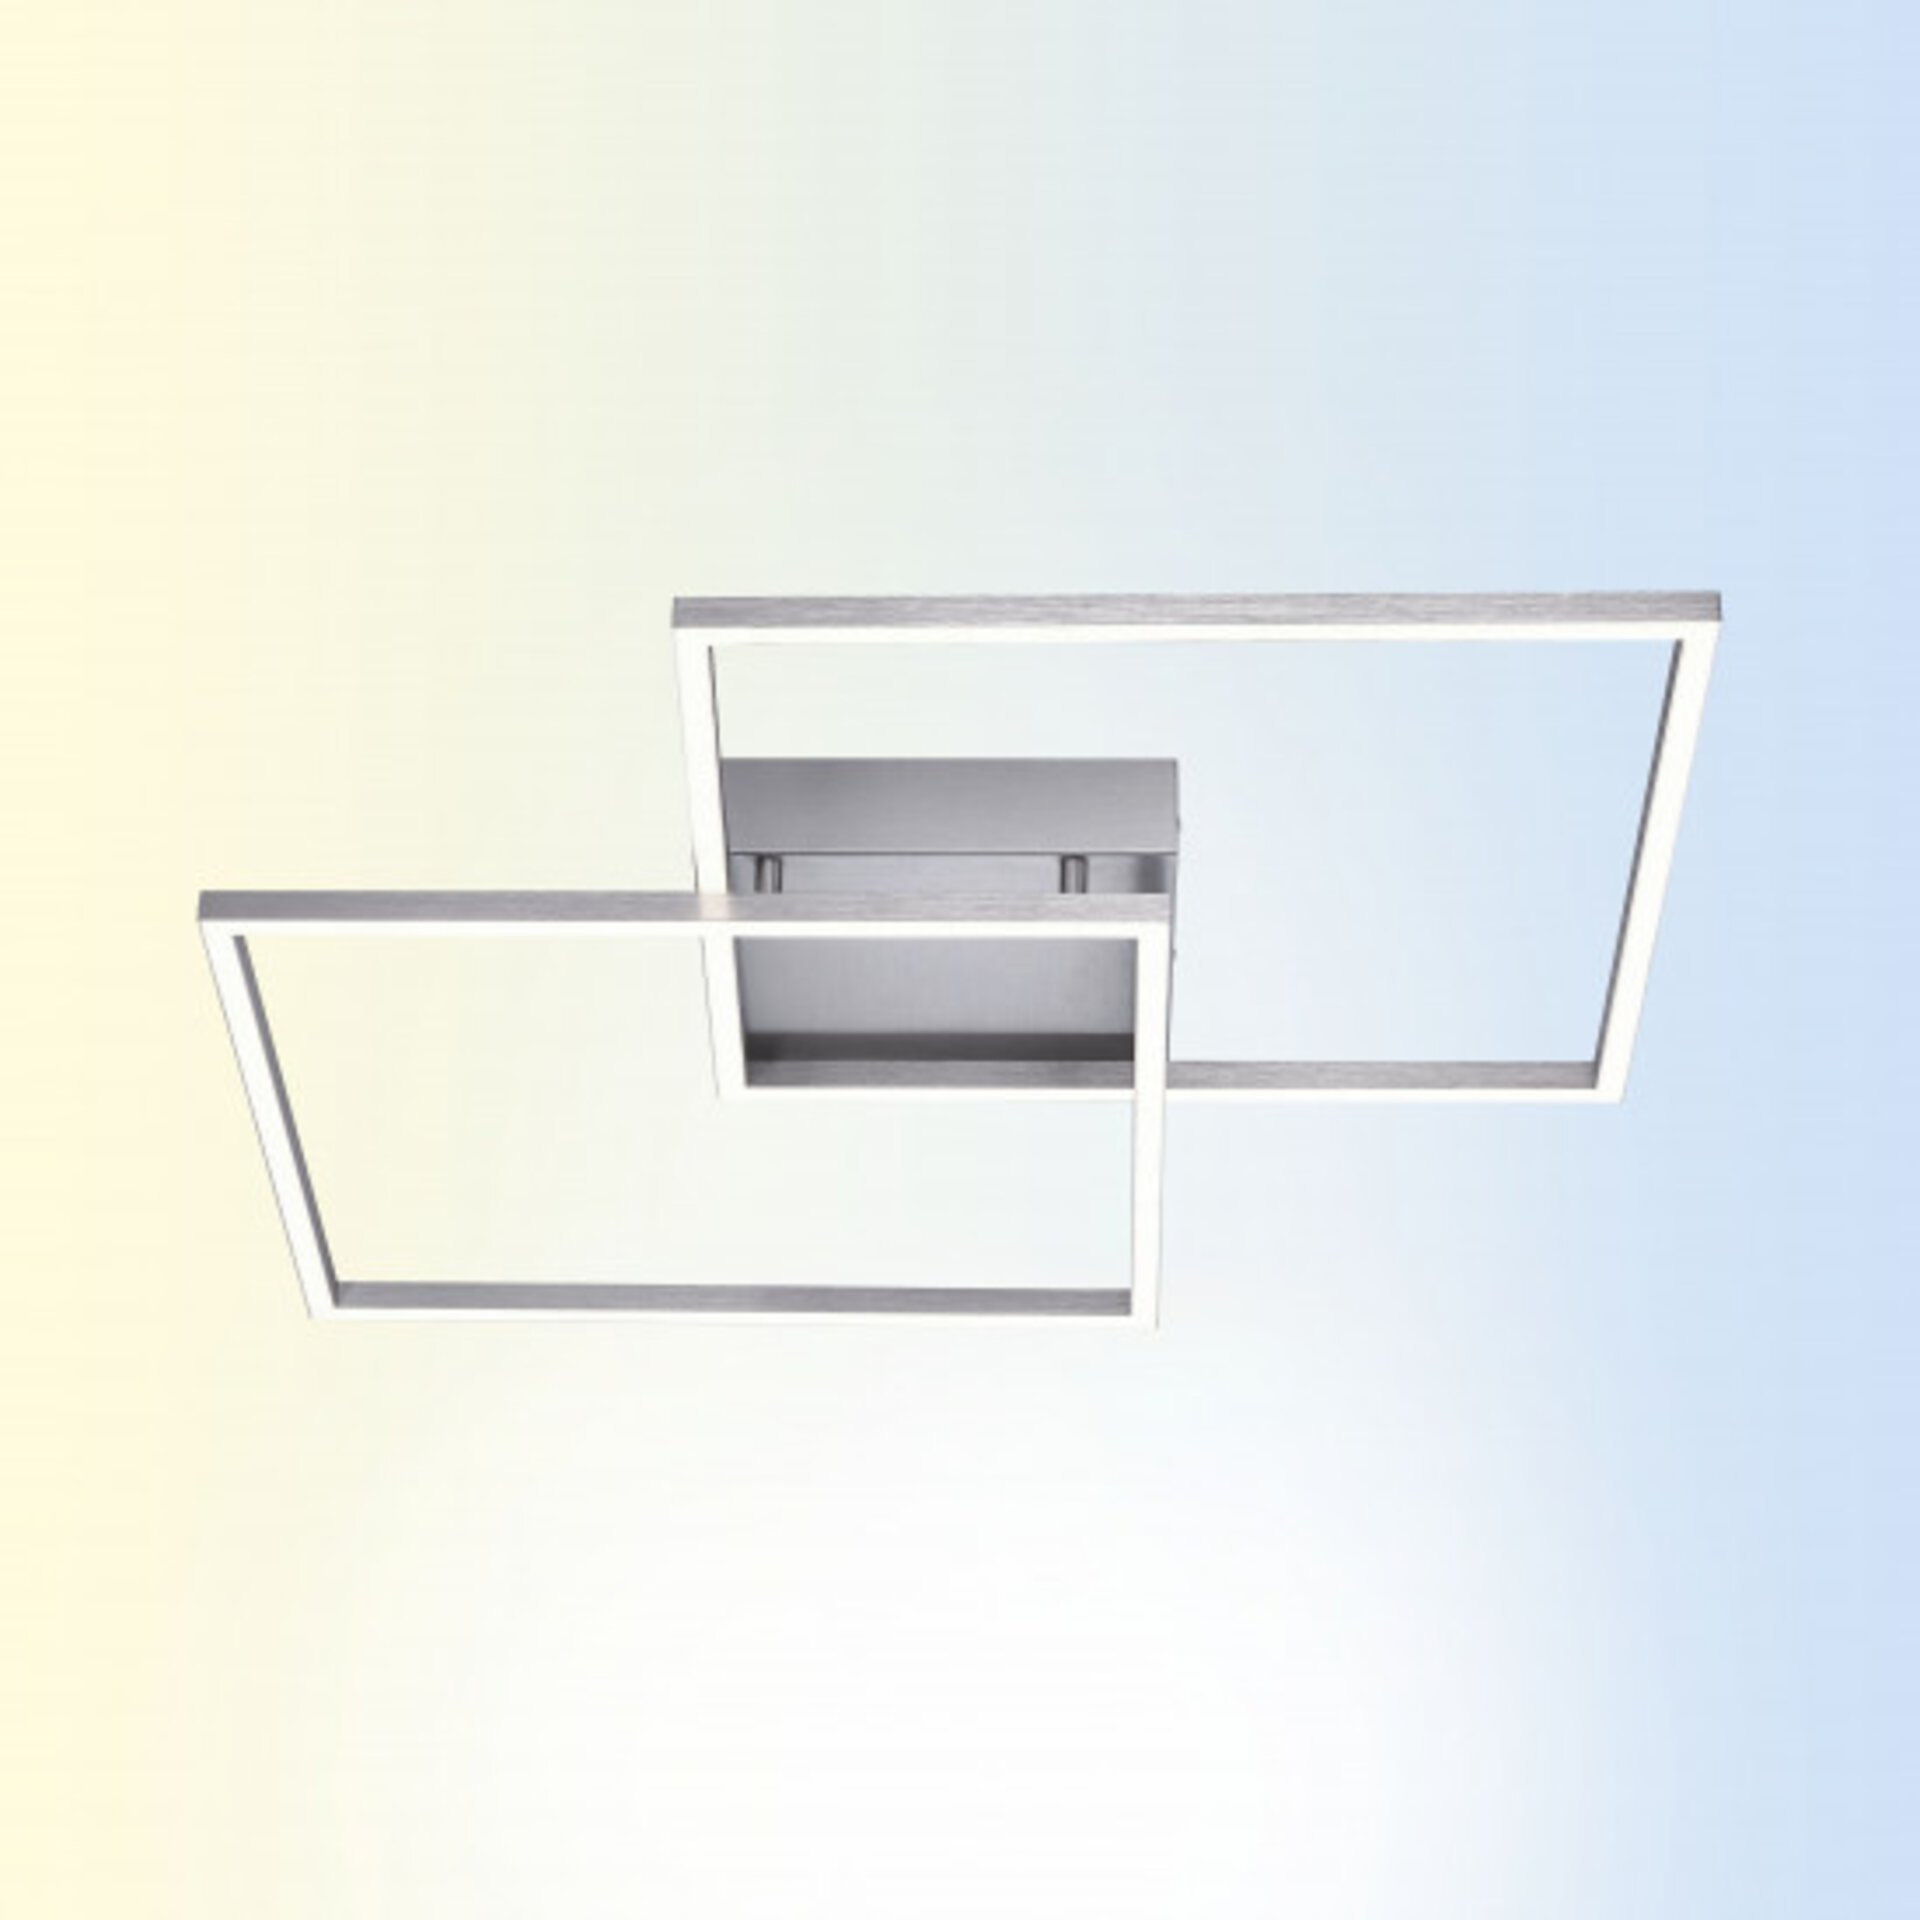 Smart-Home-Leuchten Q-INIGO Paul Neuhaus Metall 53 x 7 x 53 cm